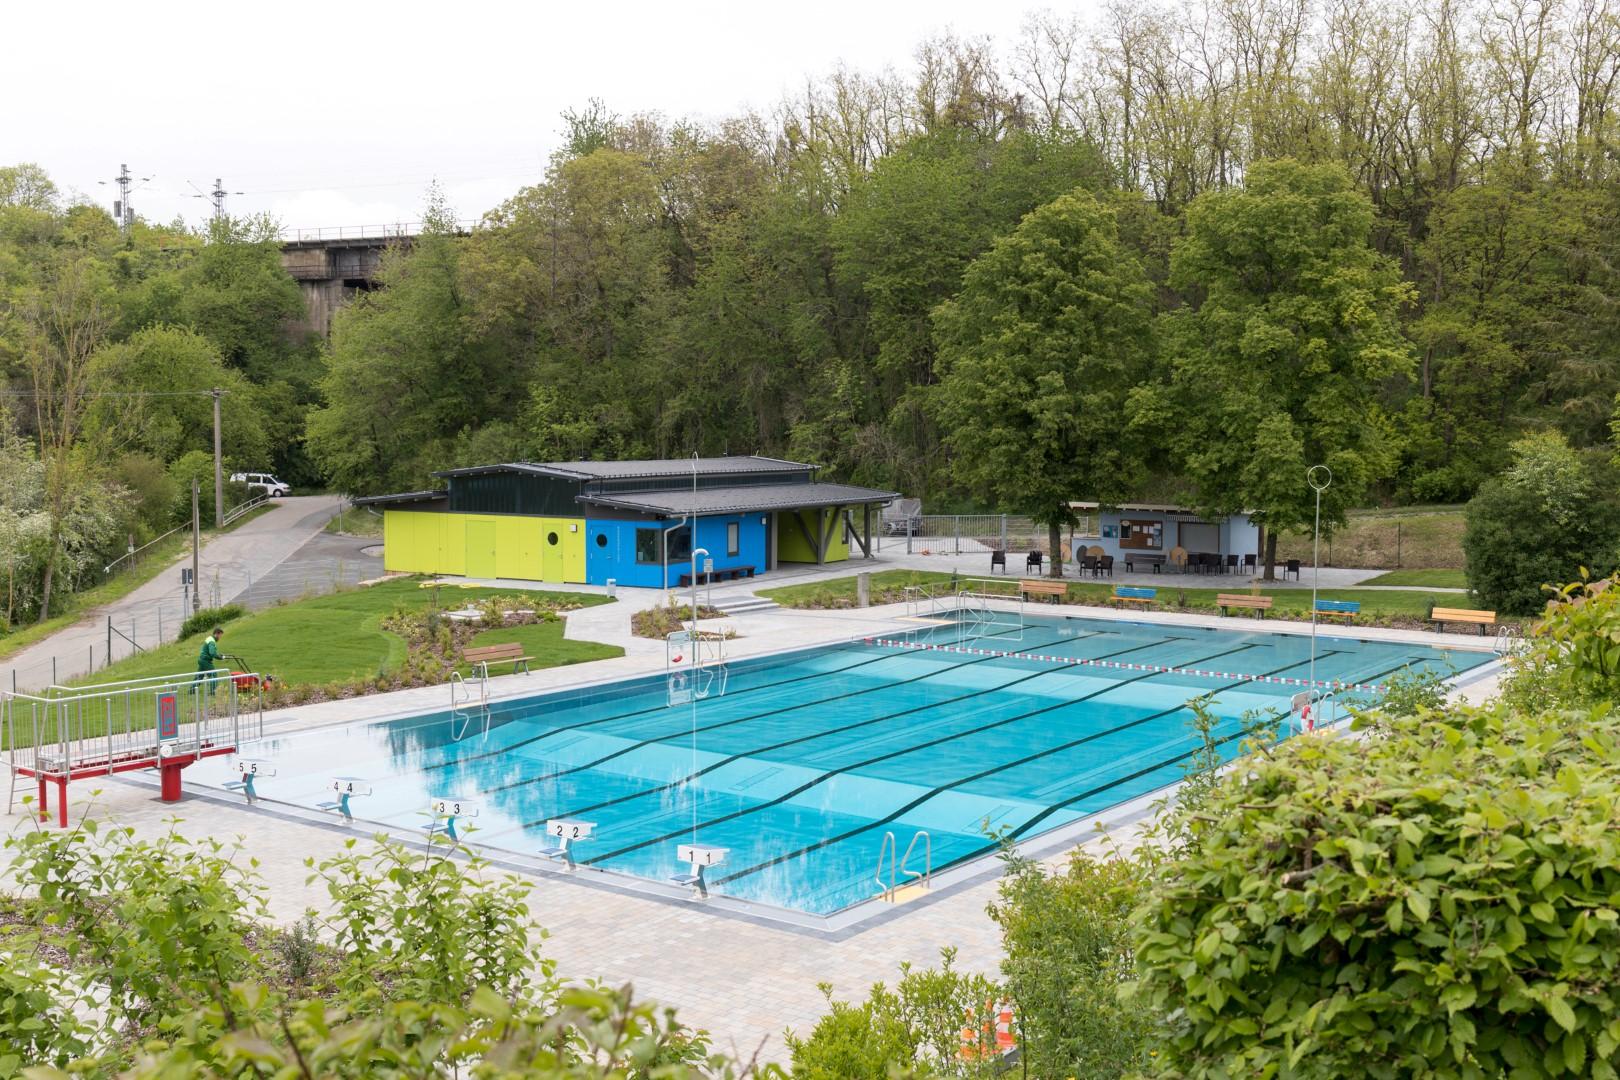 plafog - Freibad Einersheim - 2